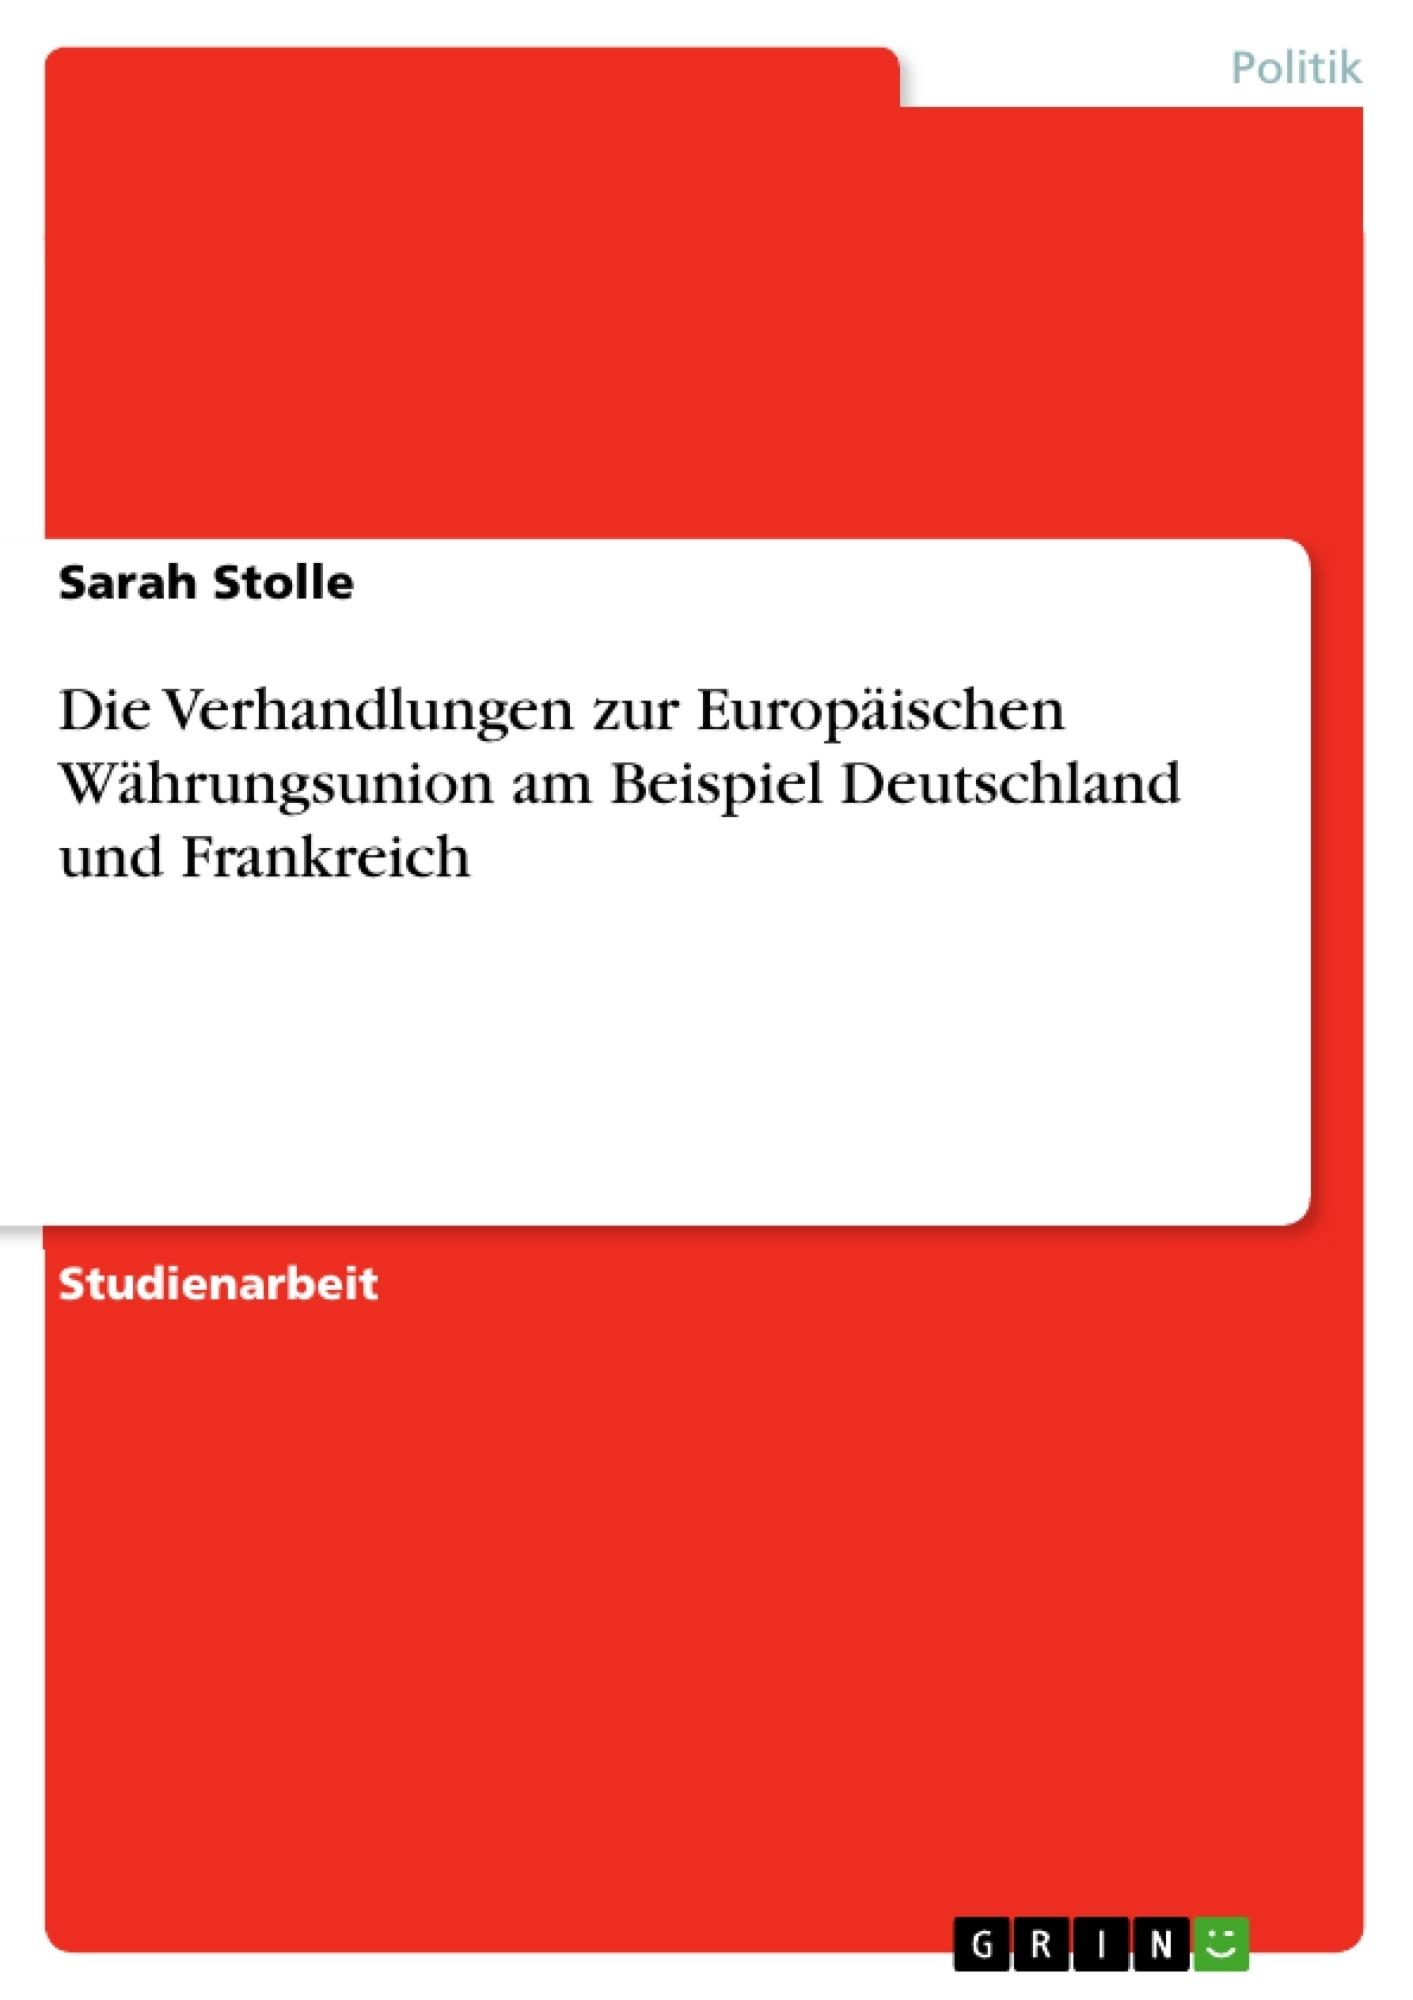 Titel: Die Verhandlungen zur Europäischen Währungsunion am Beispiel Deutschland und Frankreich